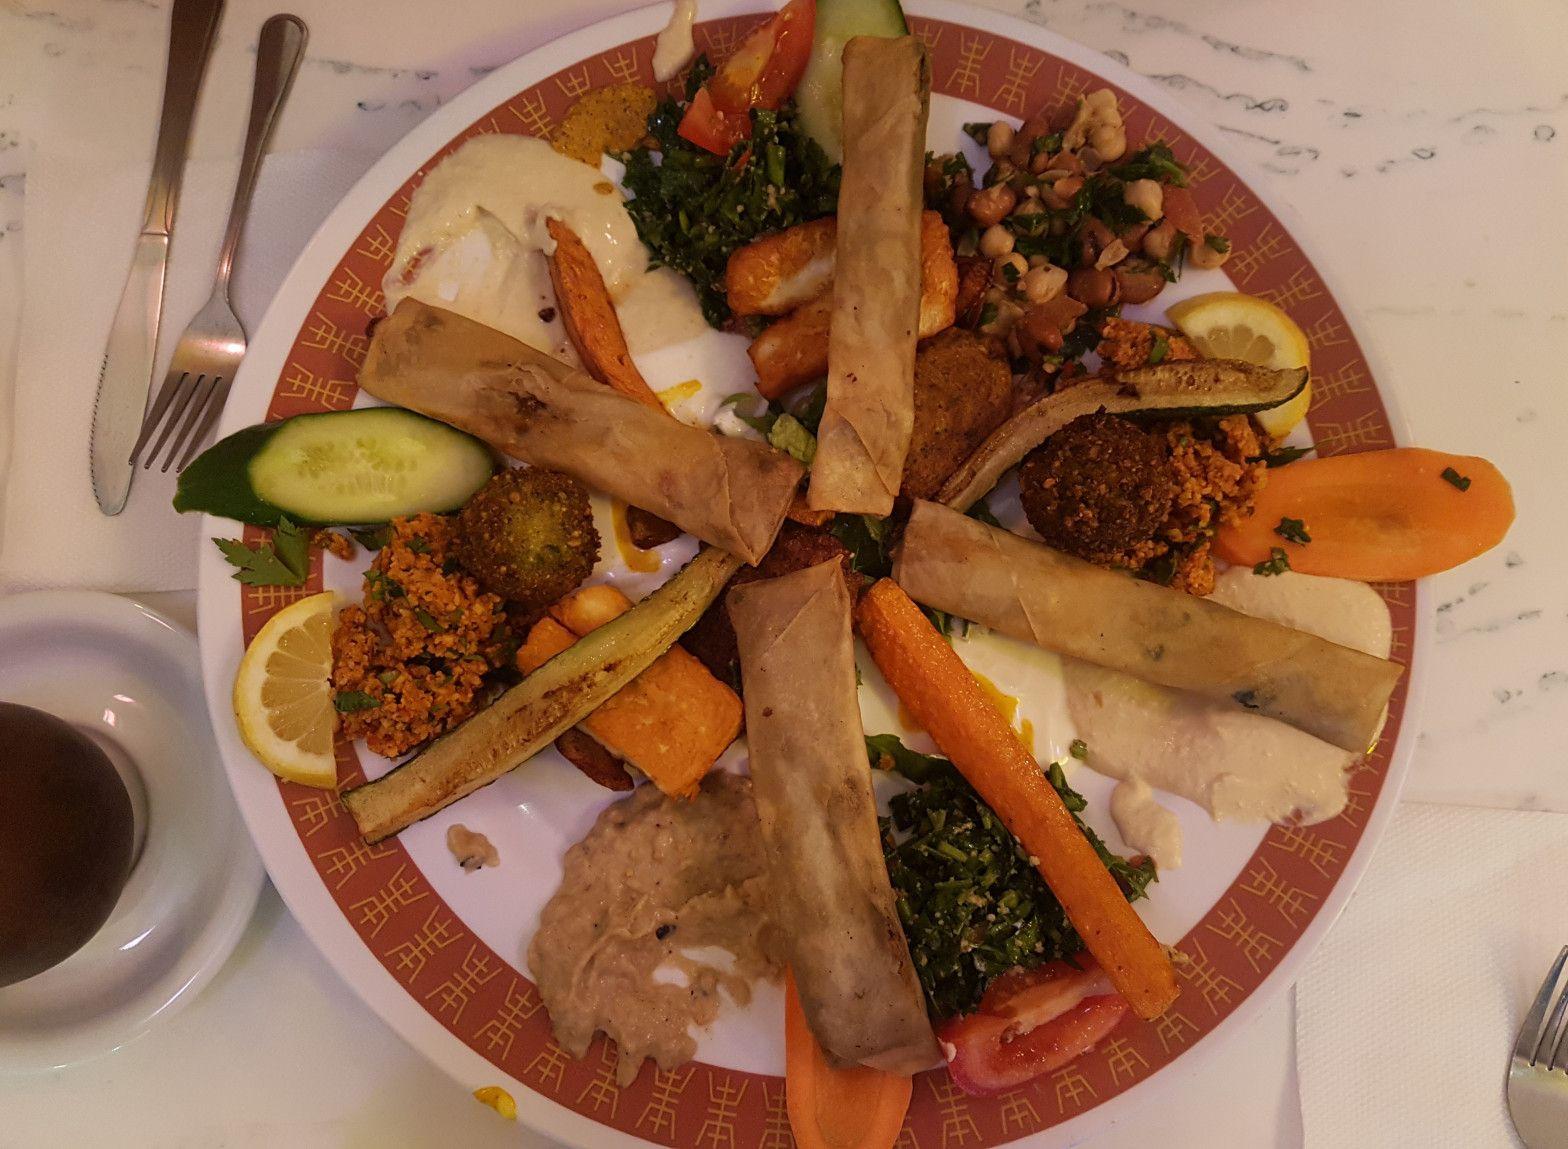 #syriancuisine #syrianfood #syrianrestaurant #vegetarianfood #syrischeküche #syrischesessen #comidasiria #vegetarischesessen #comidavegetariana #grisgraublog #foodbloggers #foodblogger_de #yummy #onthetable #シリア料理 #시리아음식 #arabcuisine #아랍음식 #アラブ料理